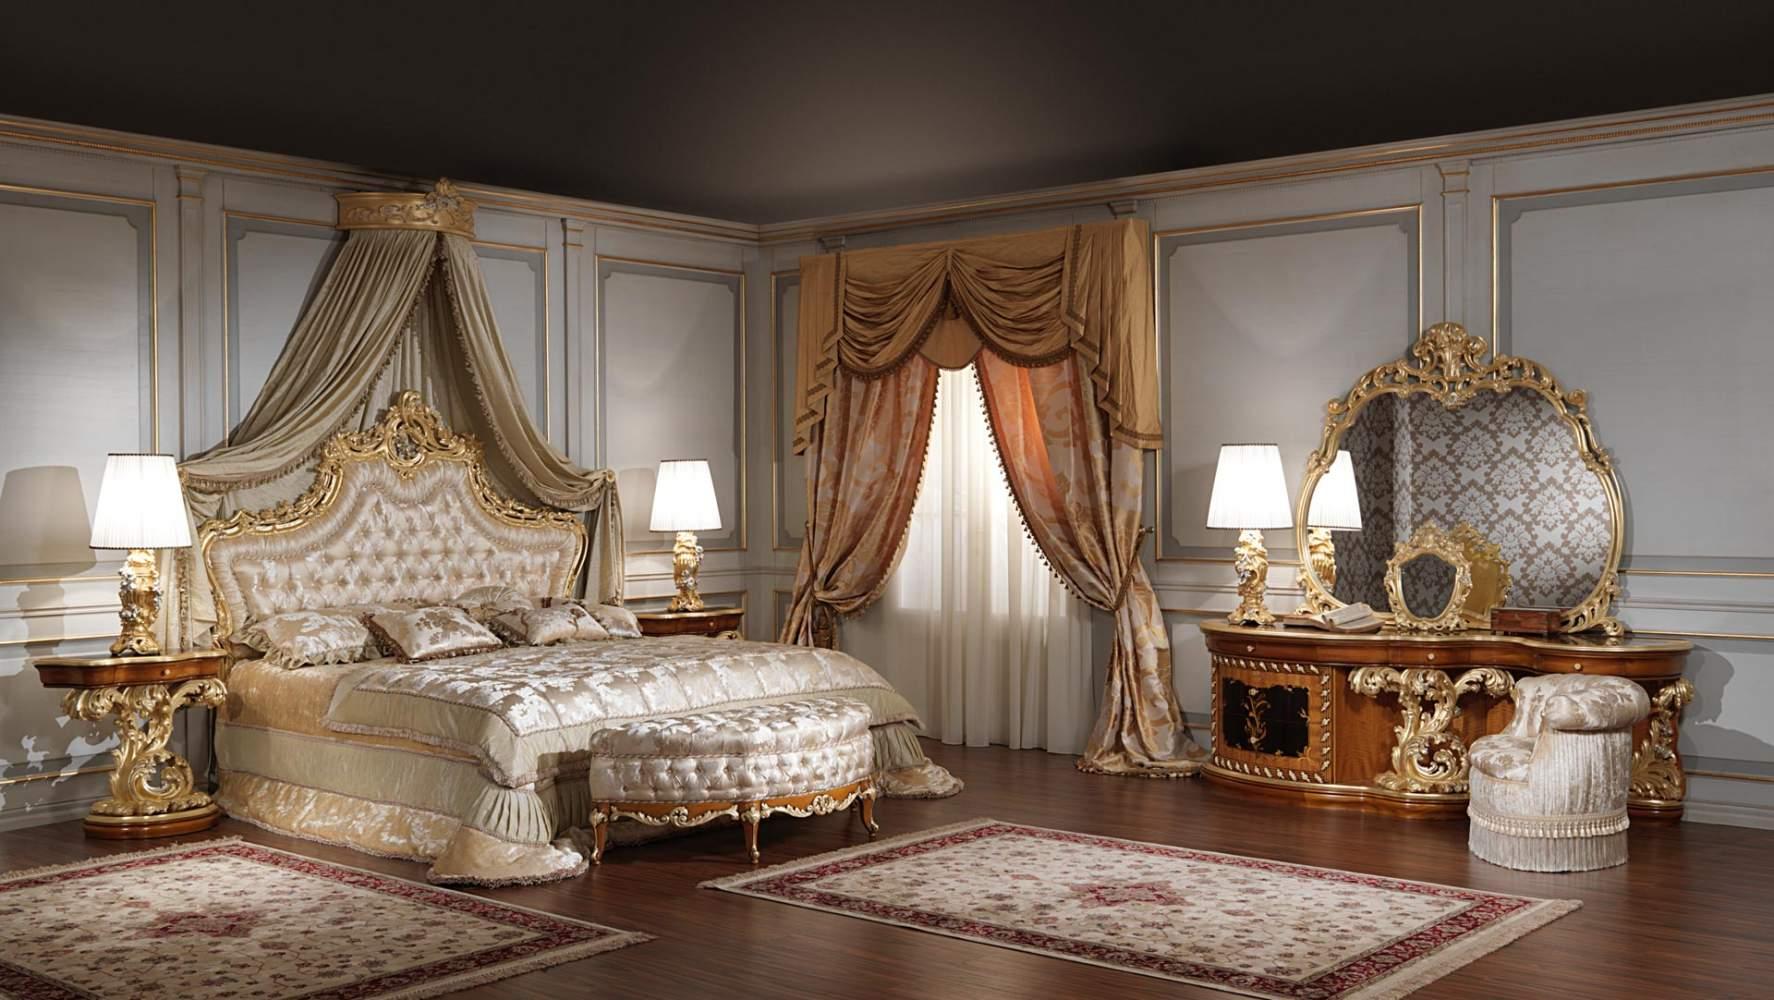 luxury classic bedroom Roman baroque style | Vimercati Meda